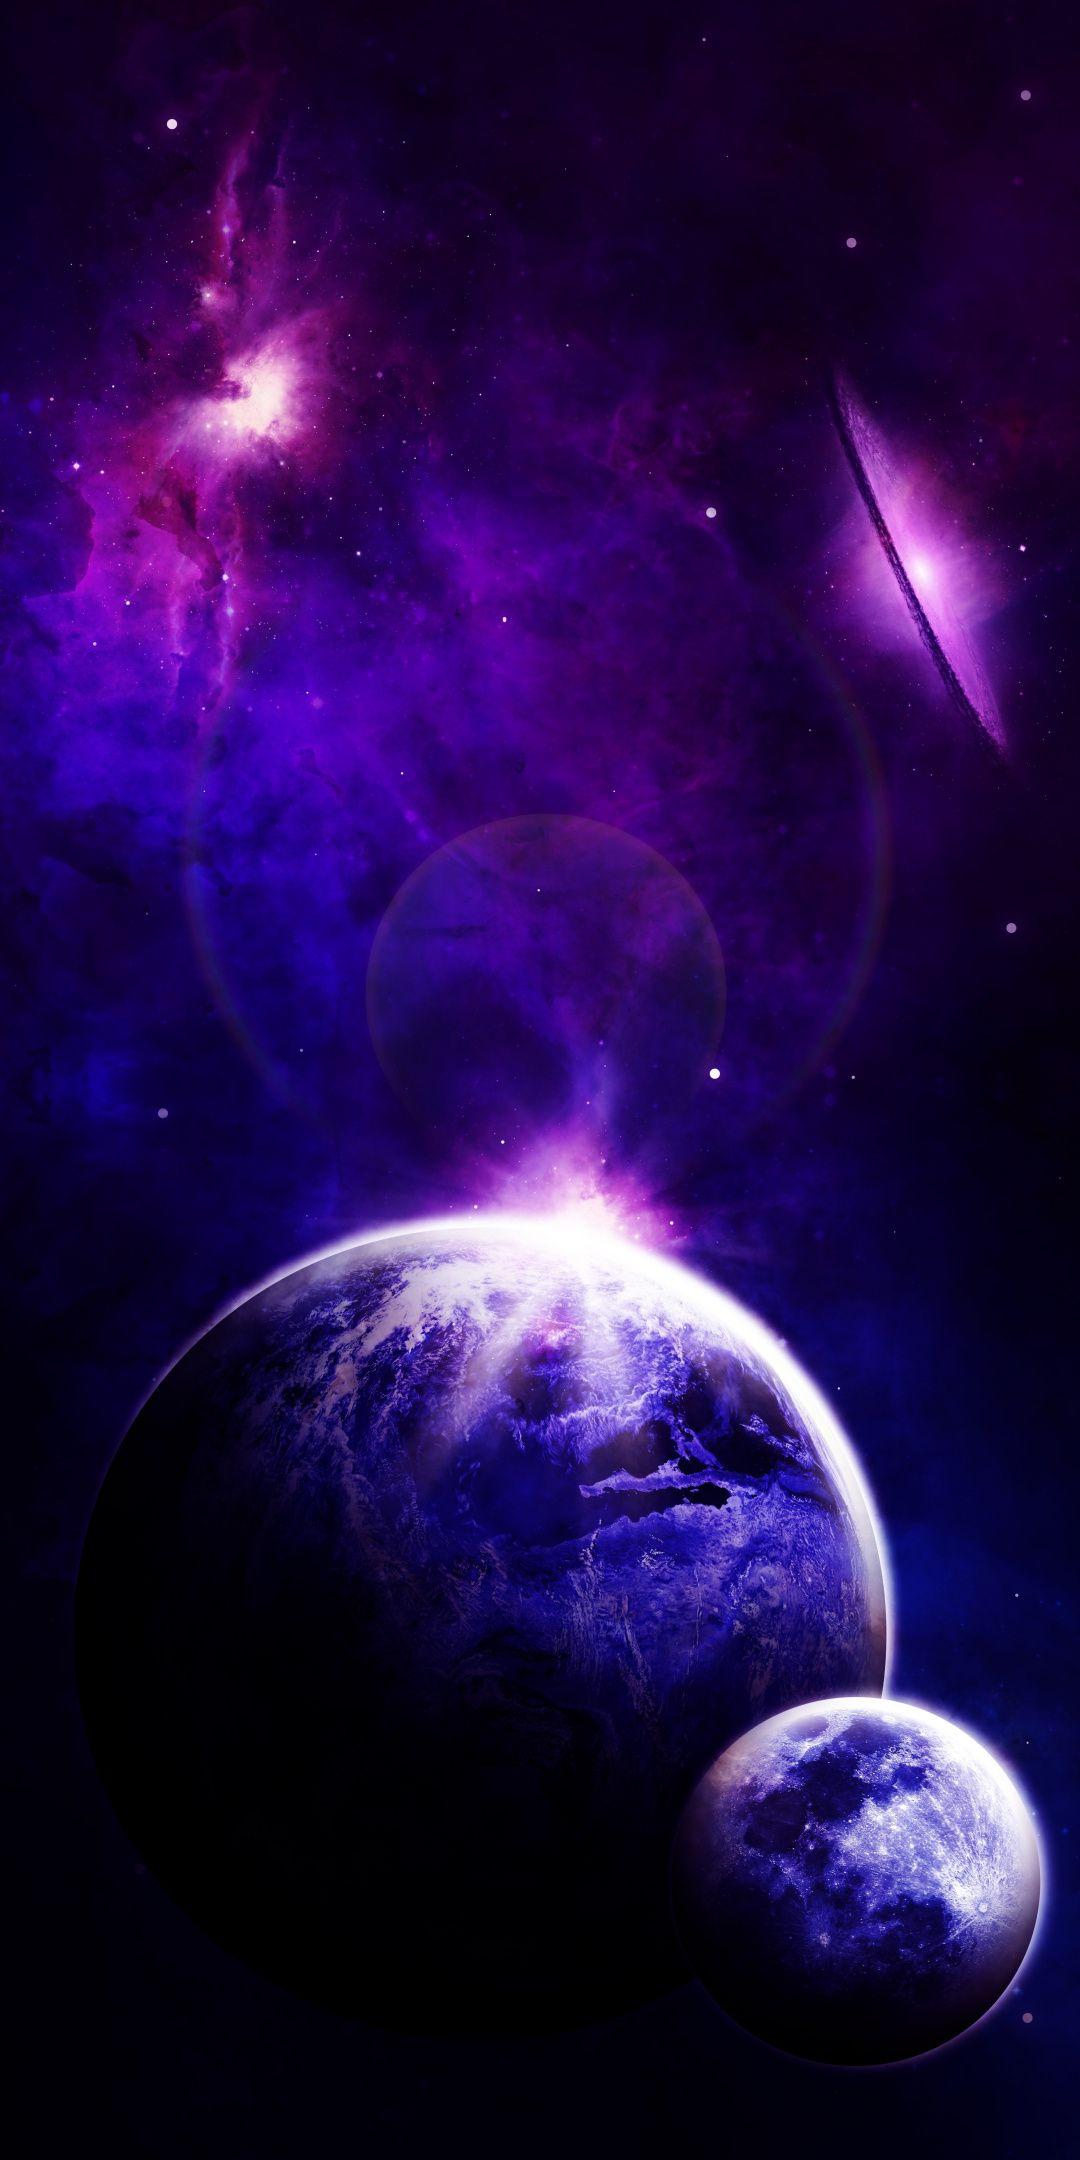 Space Planet Astronomy Cosmos Dark 1080x2160 Wallpaper Galaktiki Fonovye Izobrazheniya Kosmos